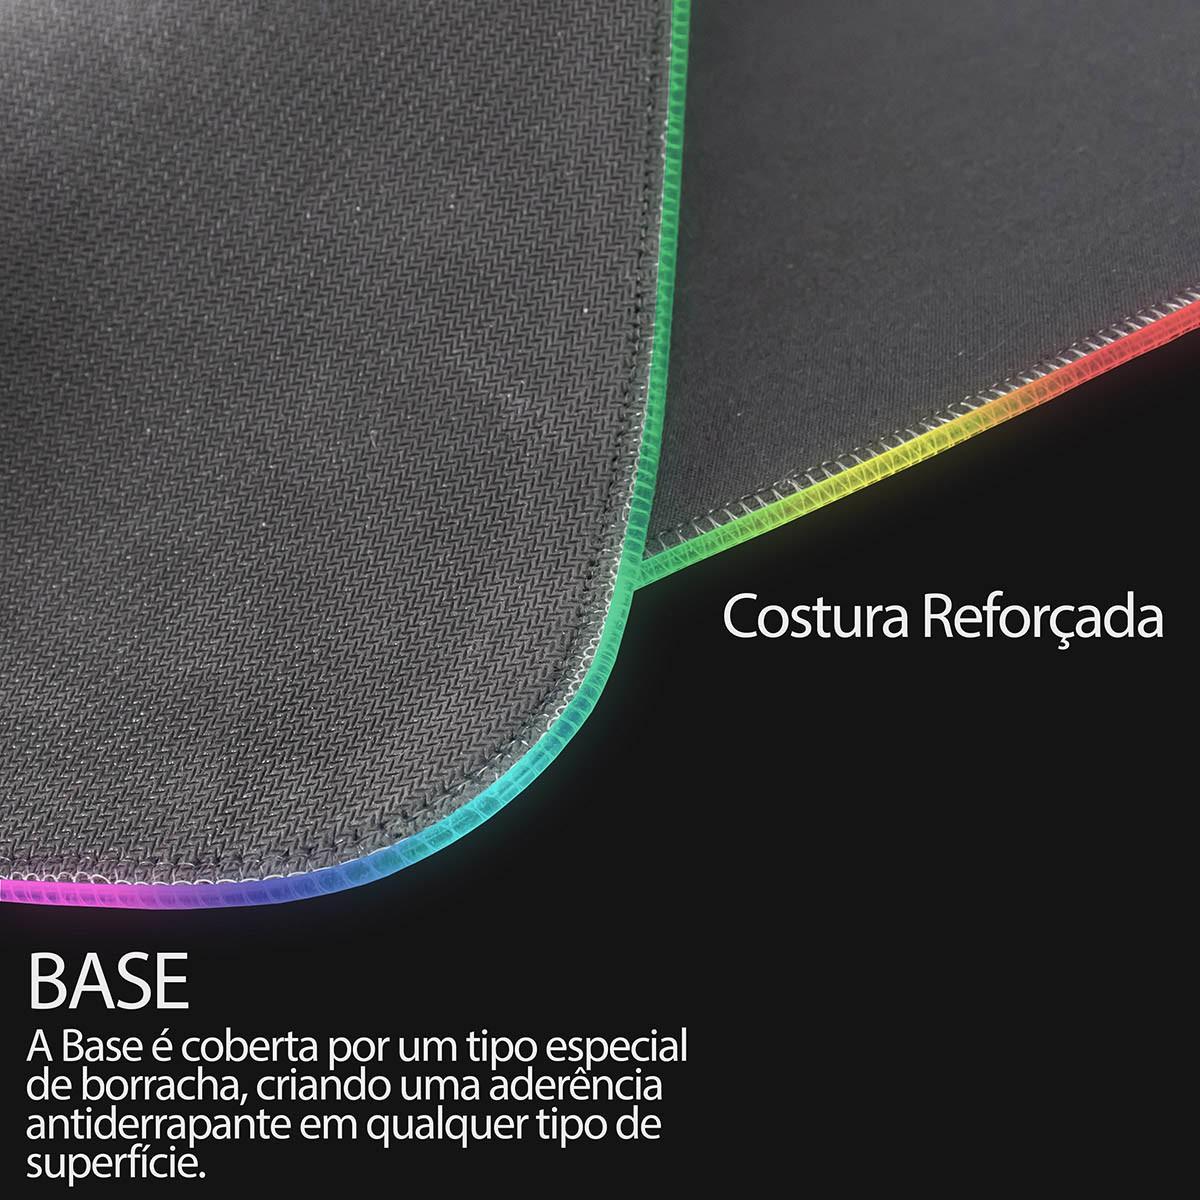 KIT Gamer Teclado + Mouse + Mouse Pad com LED Gamer BM-T06 + GM-601 + MP-LED3080